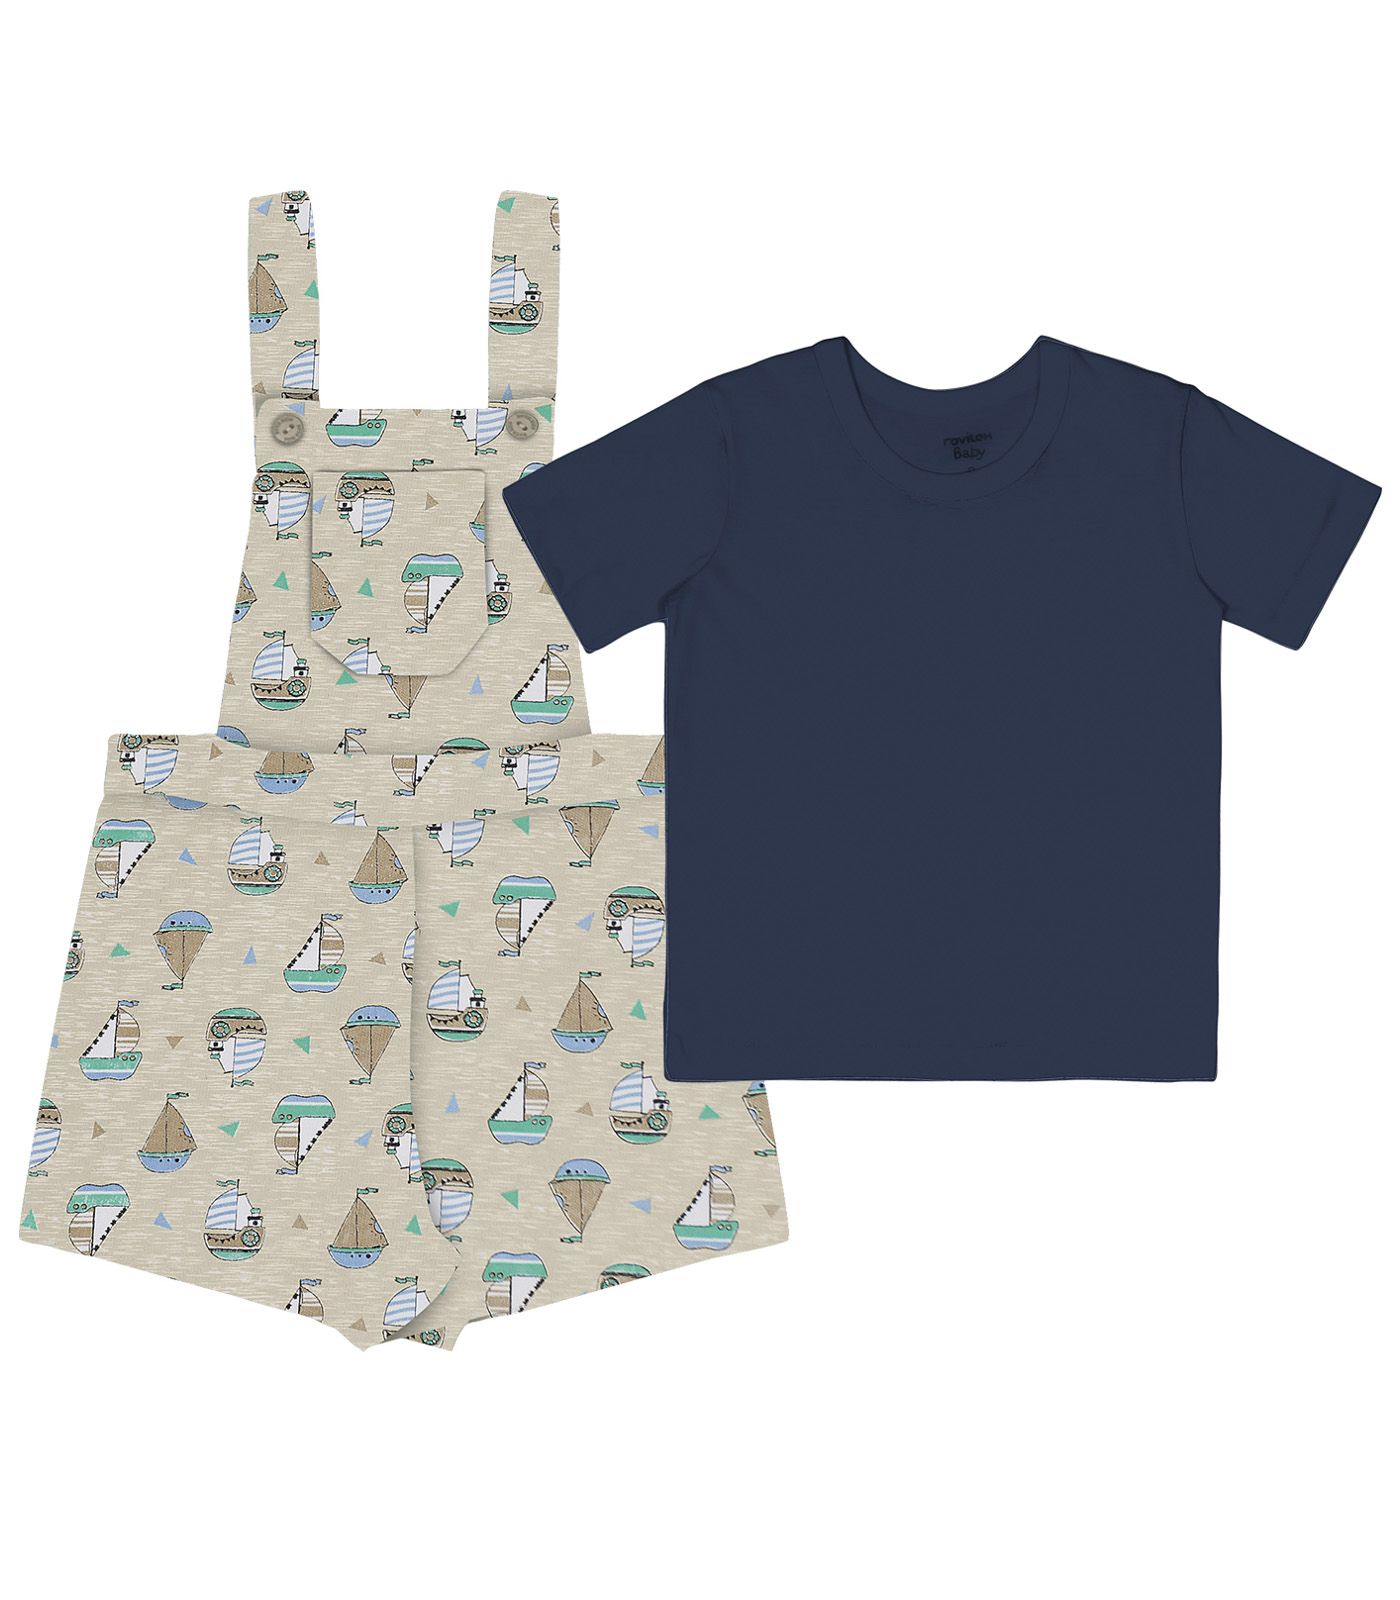 Bube - Roupas de Bebê e Infantil Conjunto Camiseta com Jardineira Meia  Malha   Moletinho Basic Rovitex Kids b4547c3208850